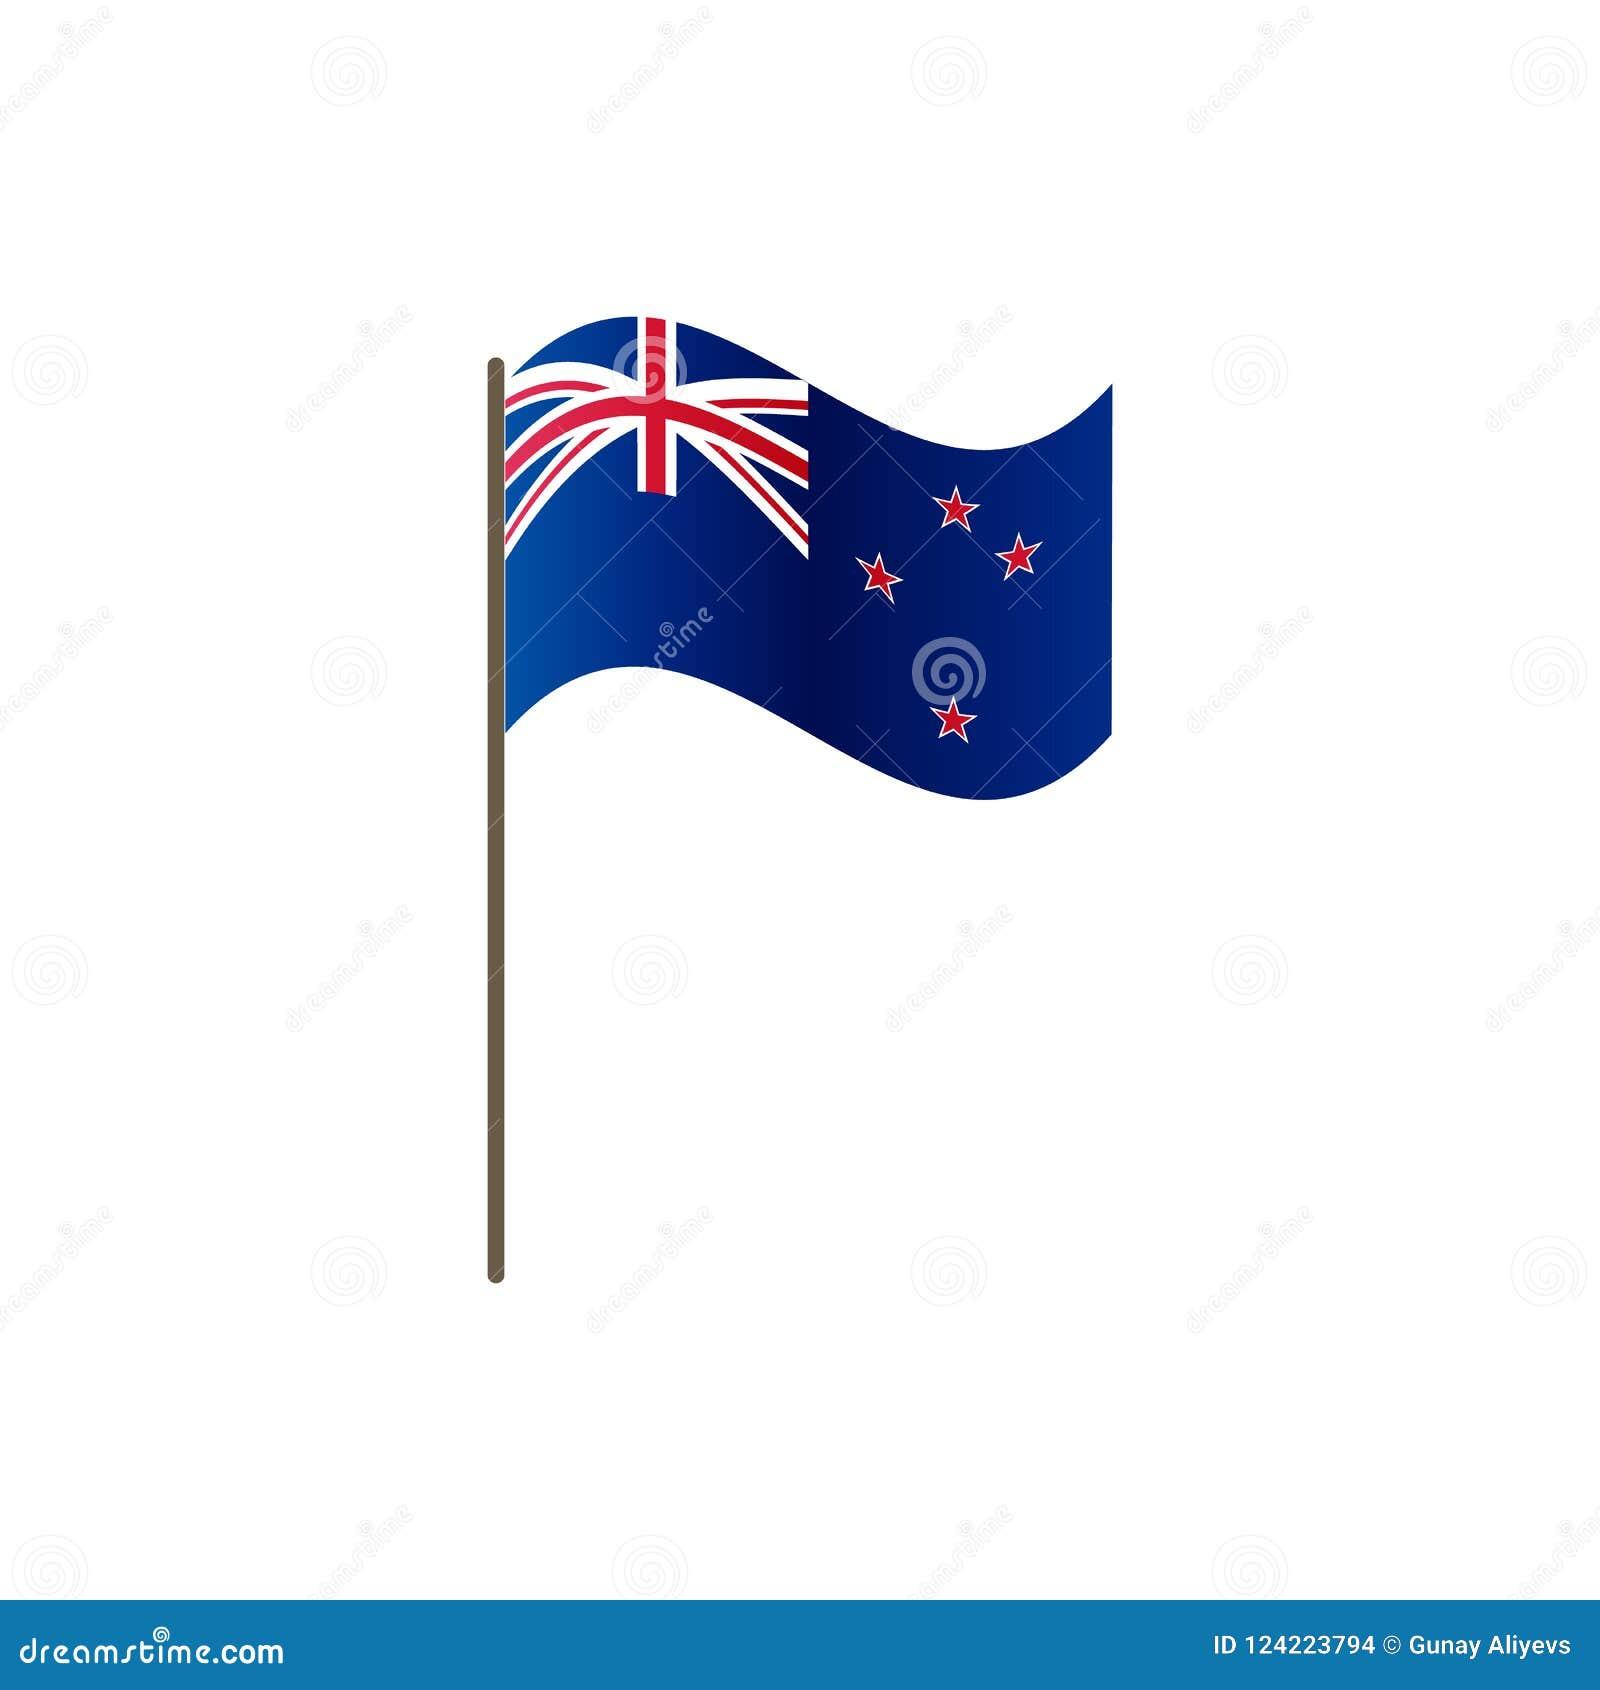 De vlag van Nieuw Zeeland op de vlaggestok Officieel kleuren en aandeel correct Het golven van de vlag van Nieuw Zeeland op vlagg